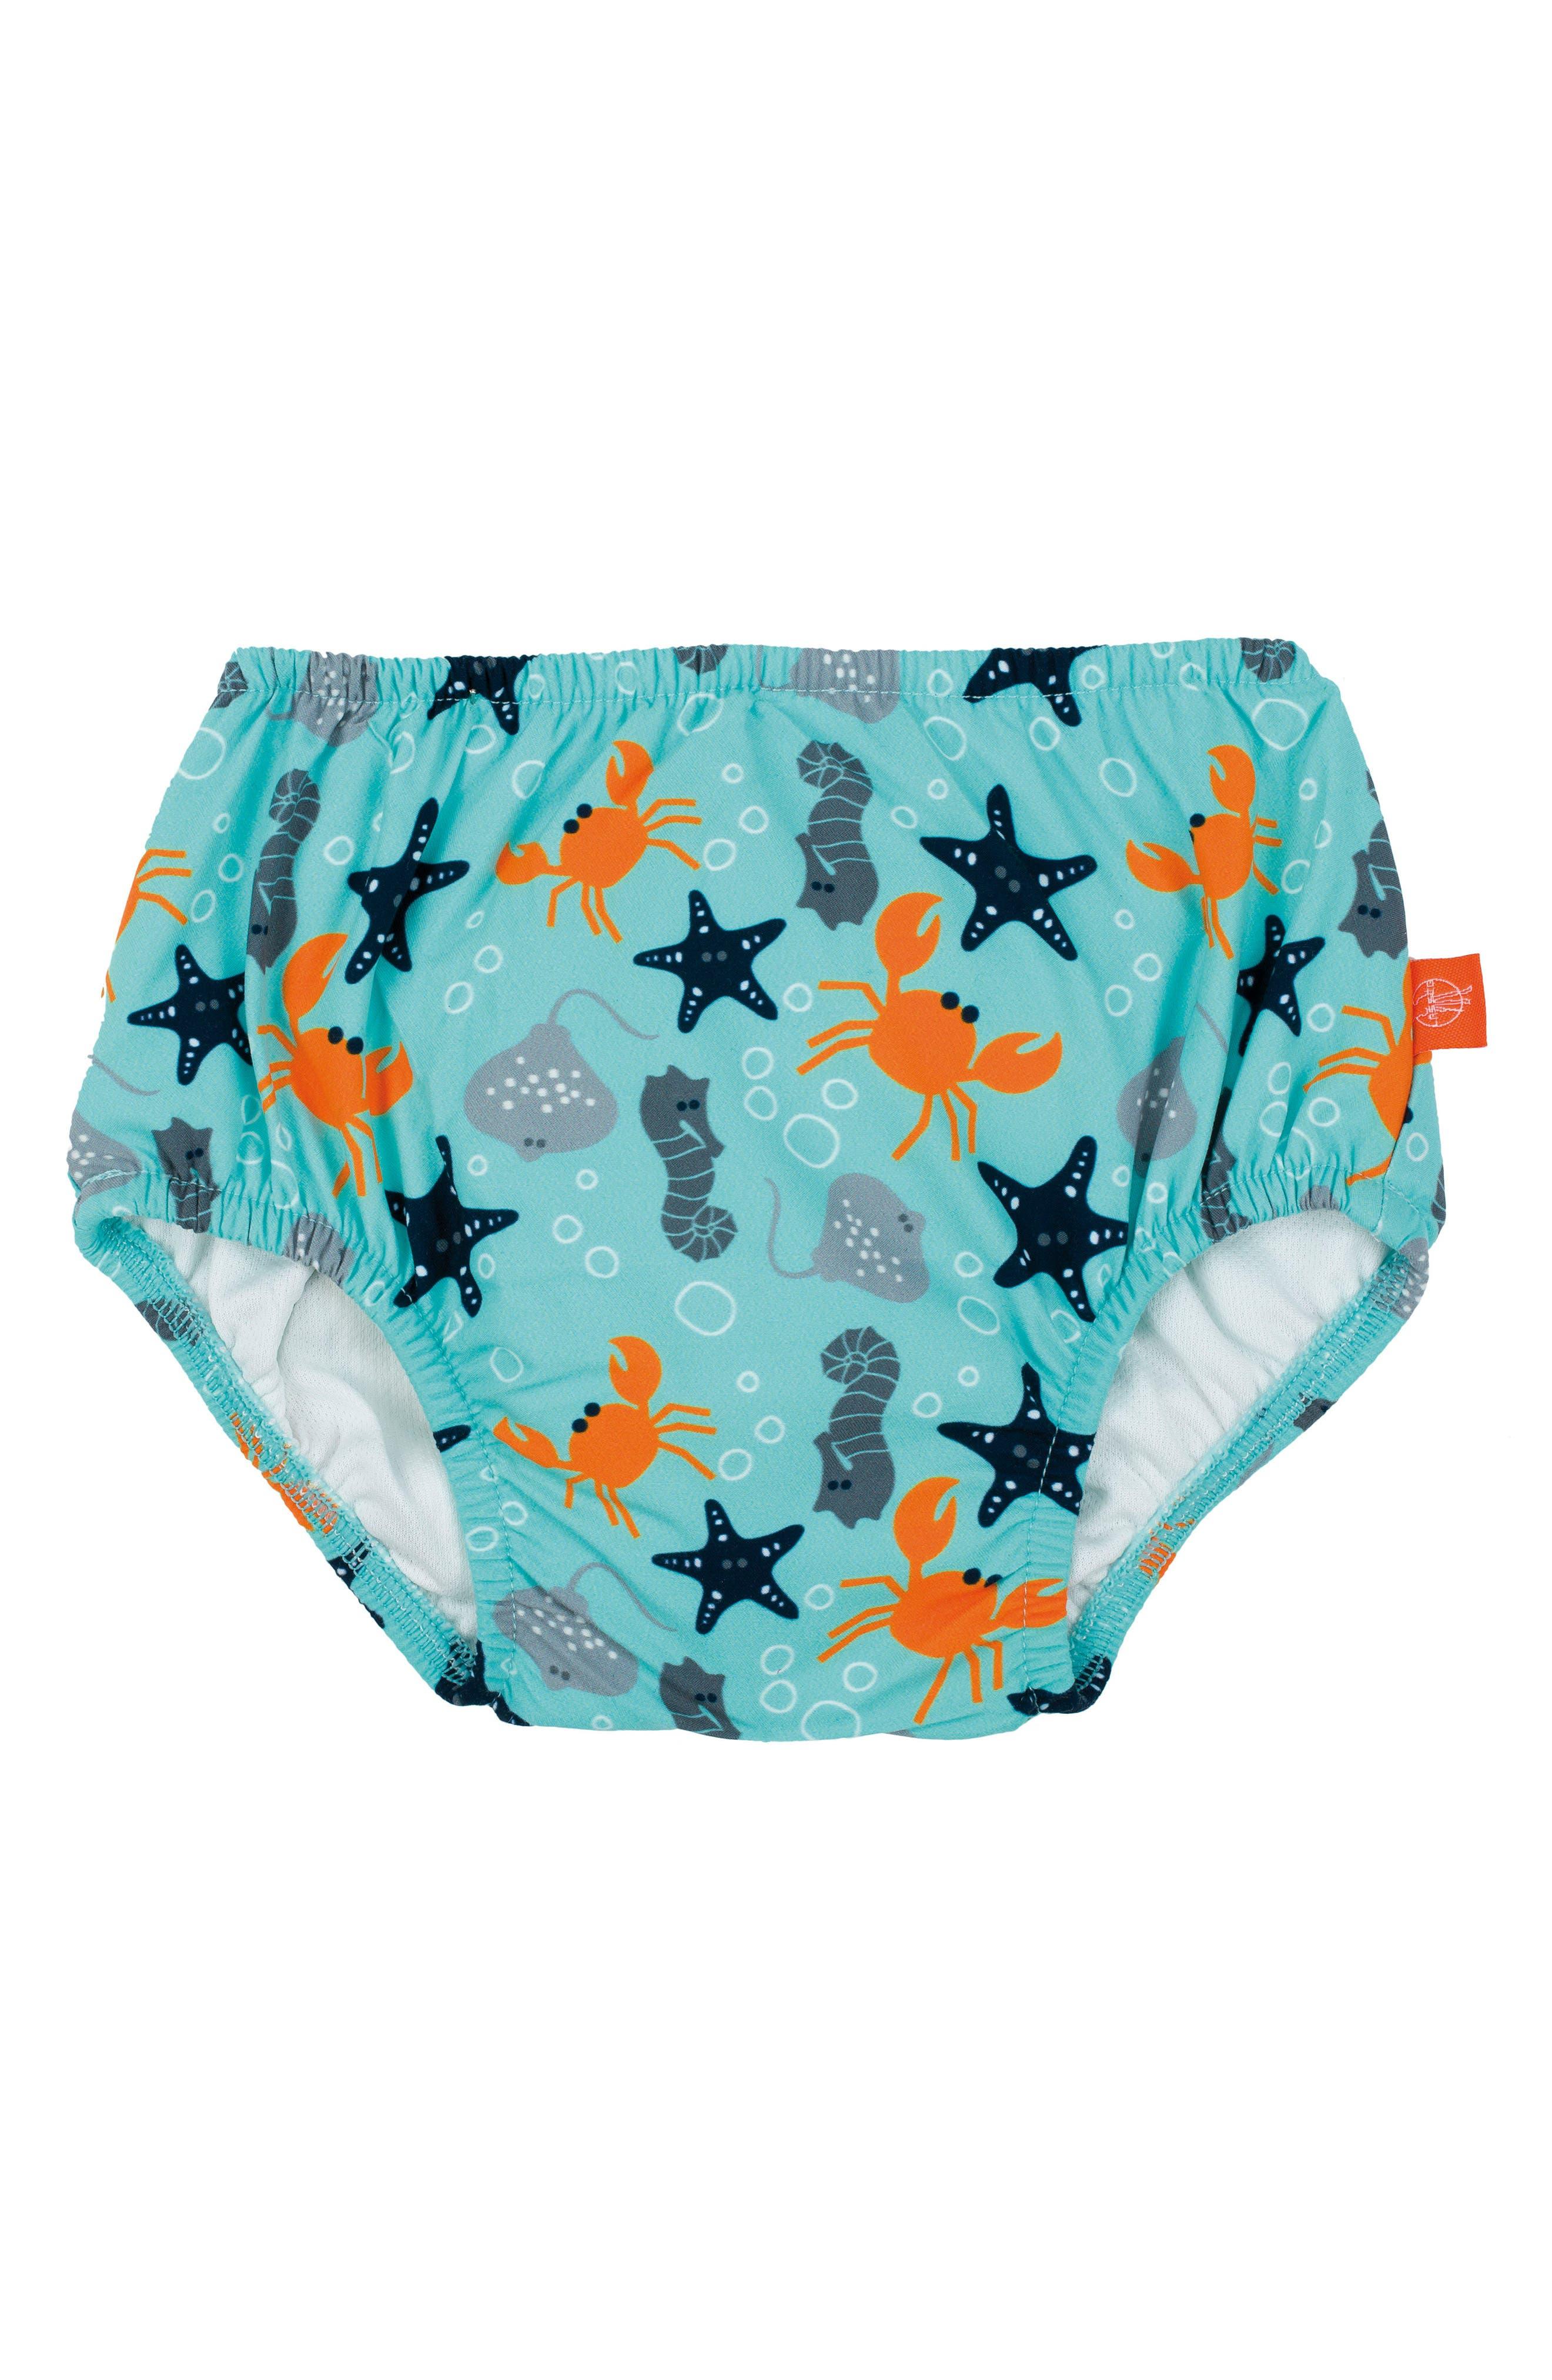 Star Fish Swim Diaper Cover,                             Main thumbnail 1, color,                             400